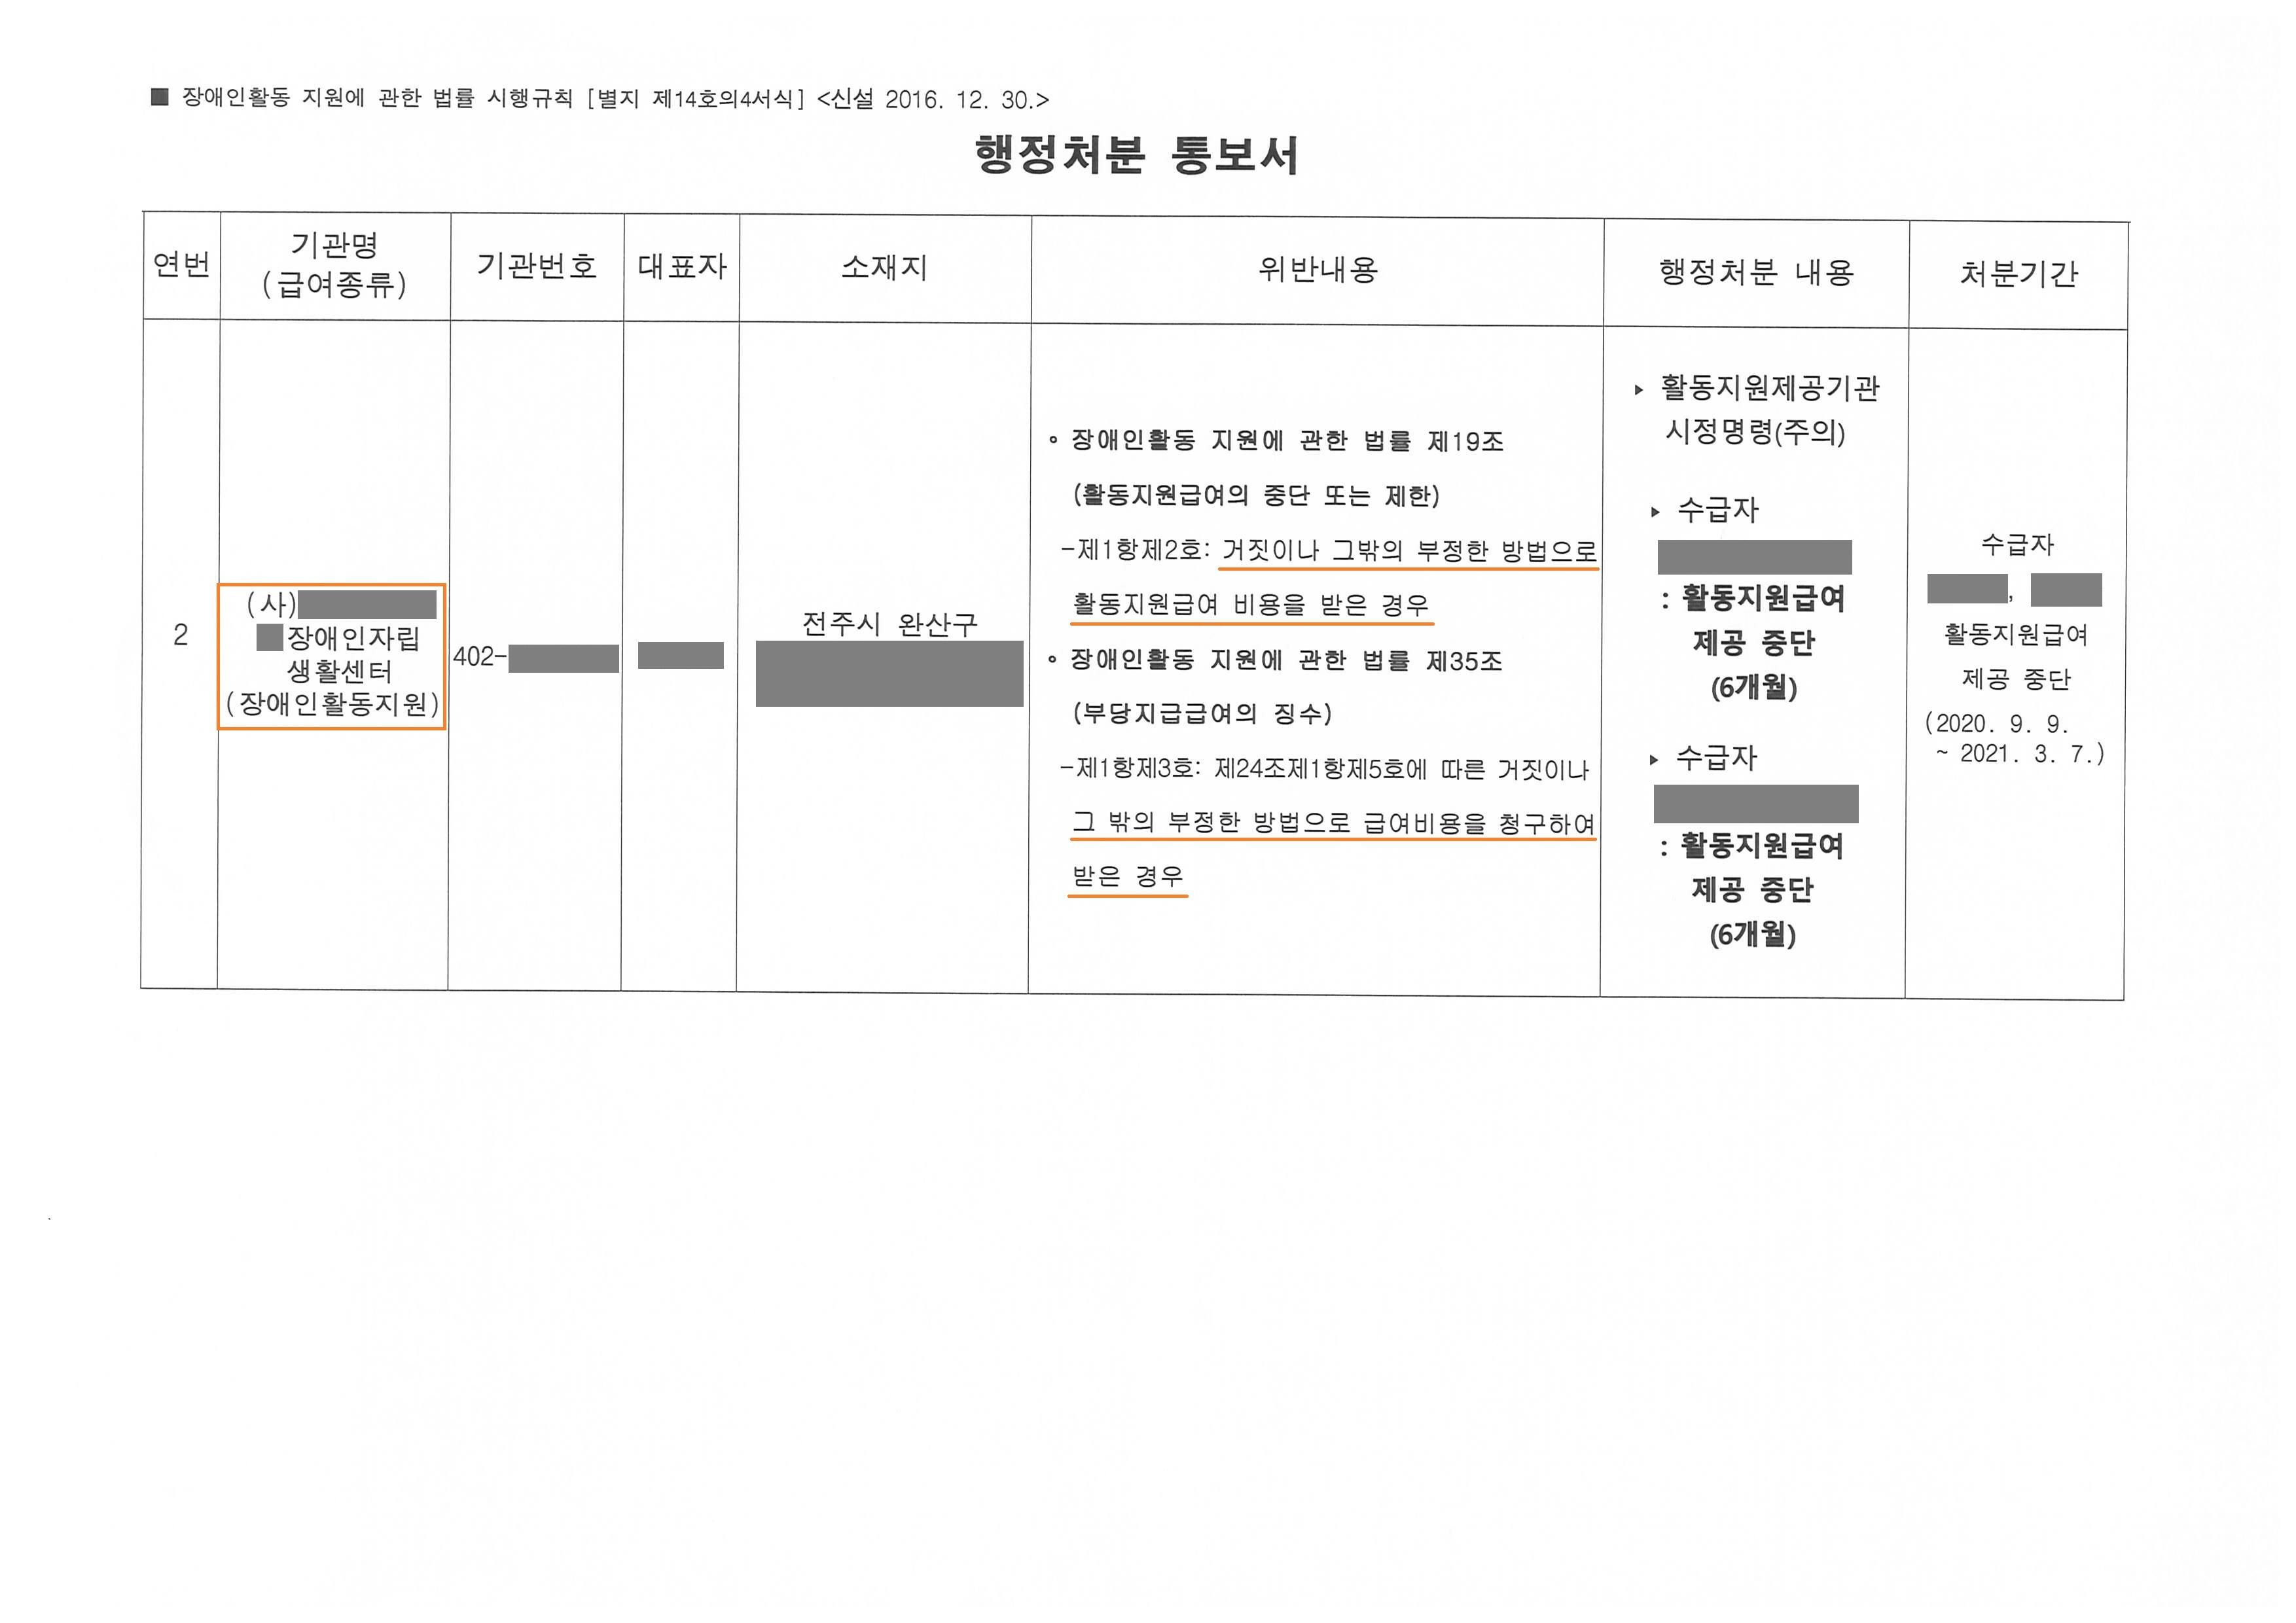 처분관련 정보공개(작은자)11.10. 평화주민사랑방_페이지_41 - 복사본.jpg